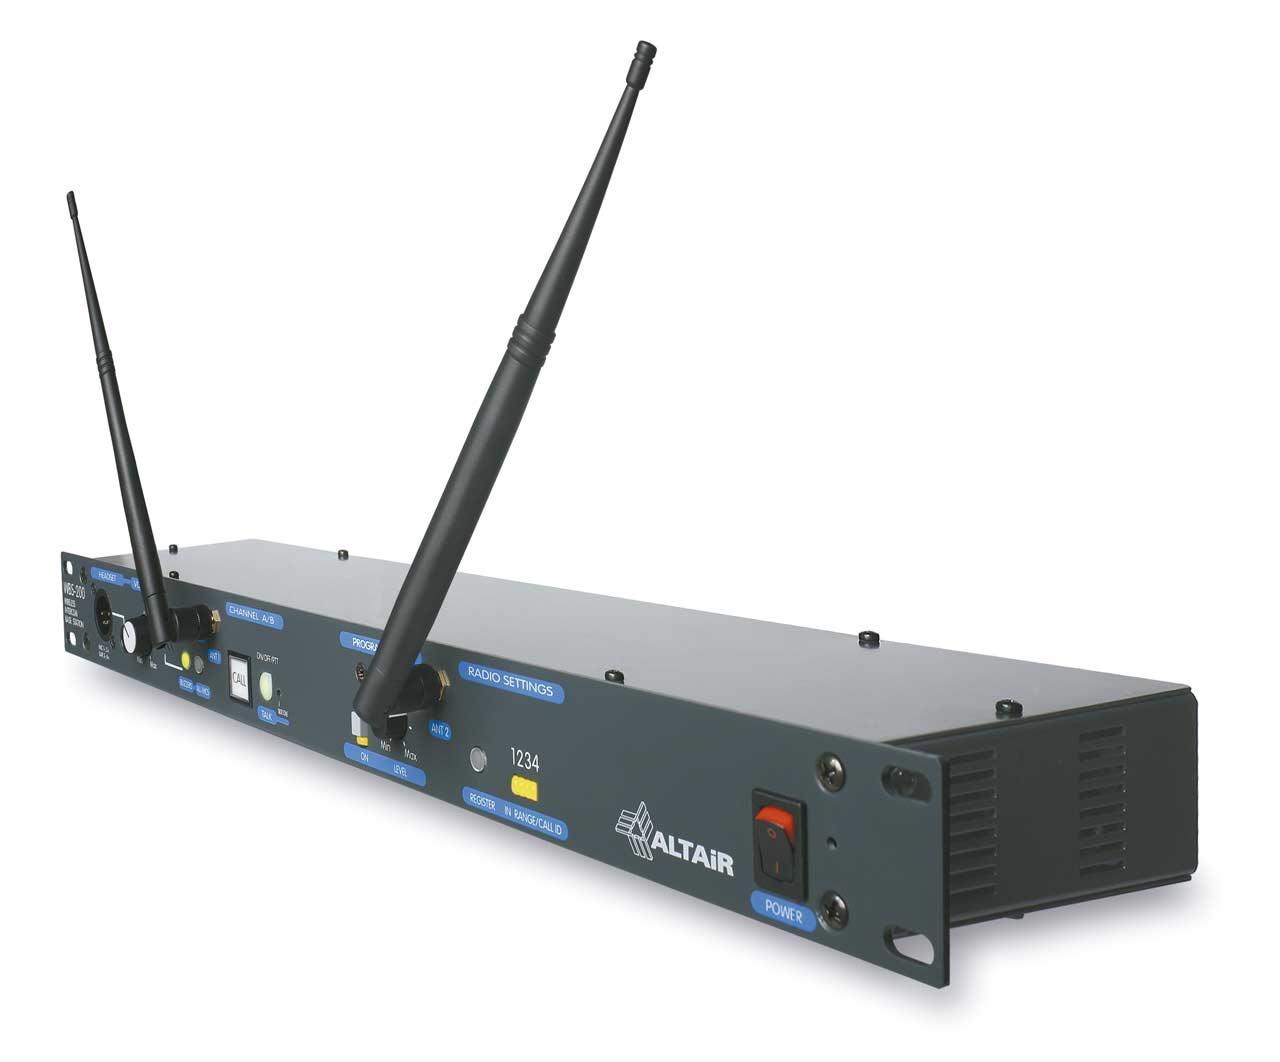 WBS-200-esc-1280x1062